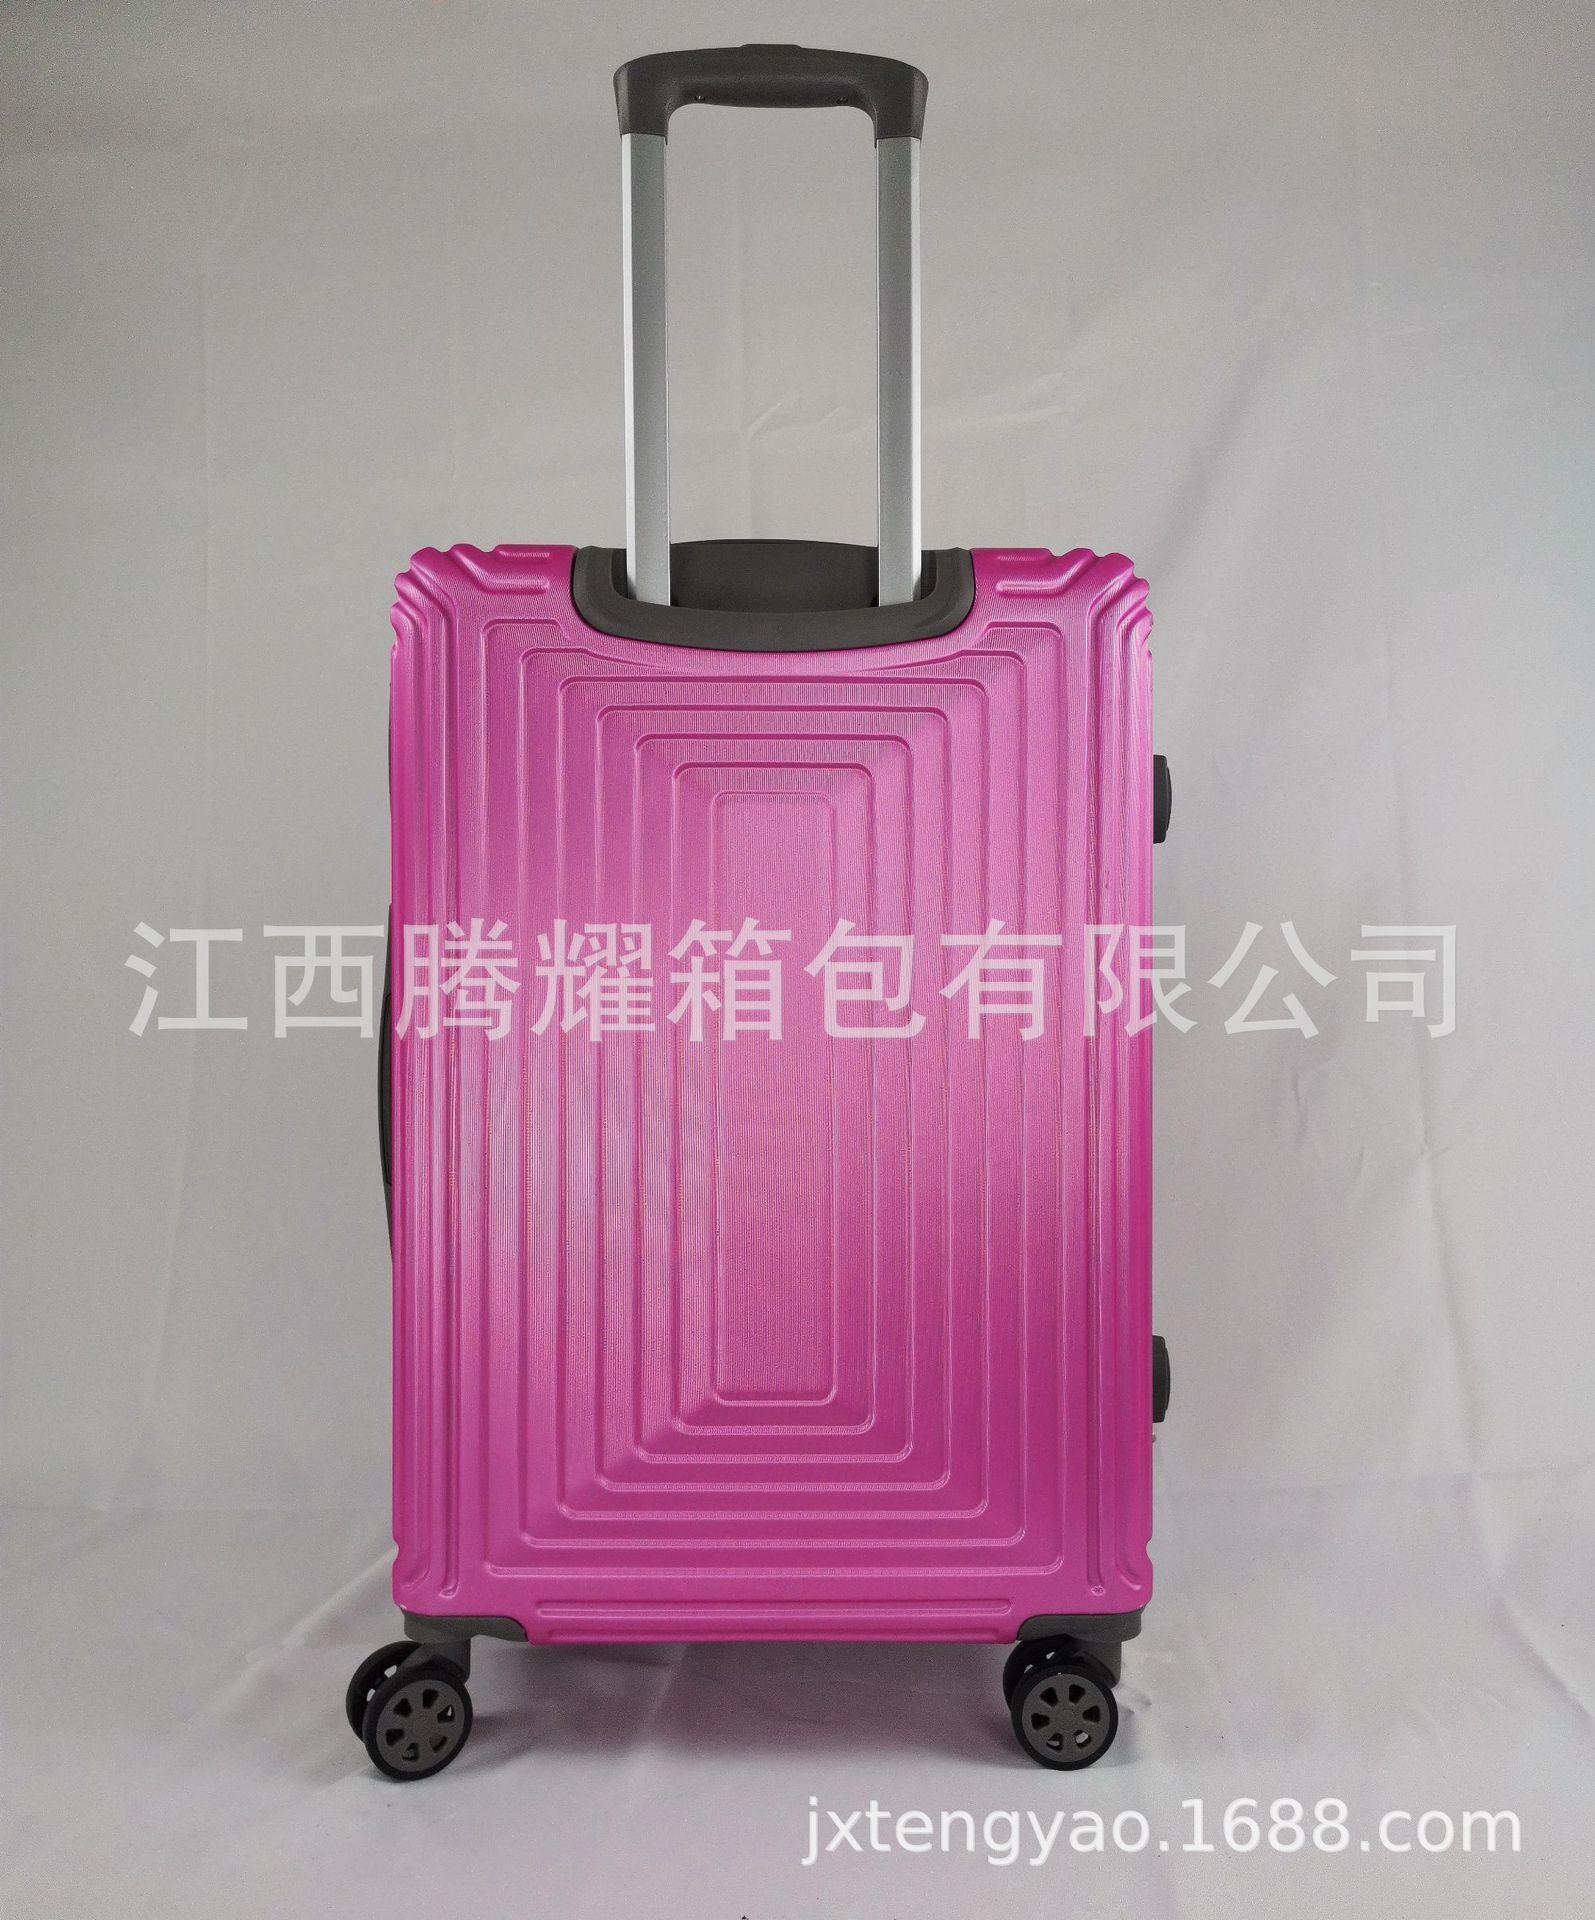 厂家直销学生万向轮拉杆旅行登机箱162024寸141439815